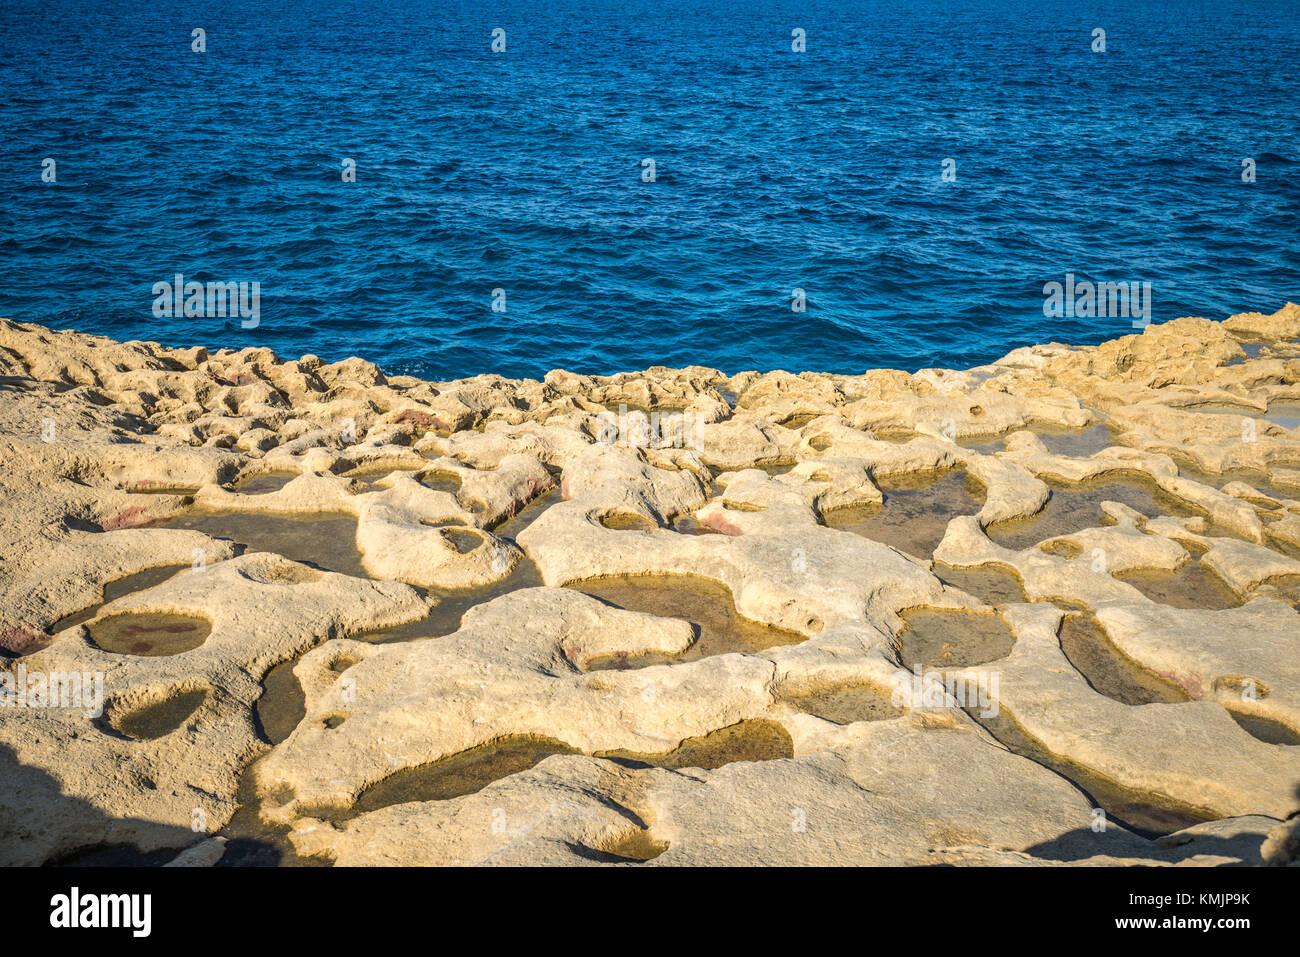 Sale stagni di evaporazione sulla isola di Gozo, Malta Immagini Stock